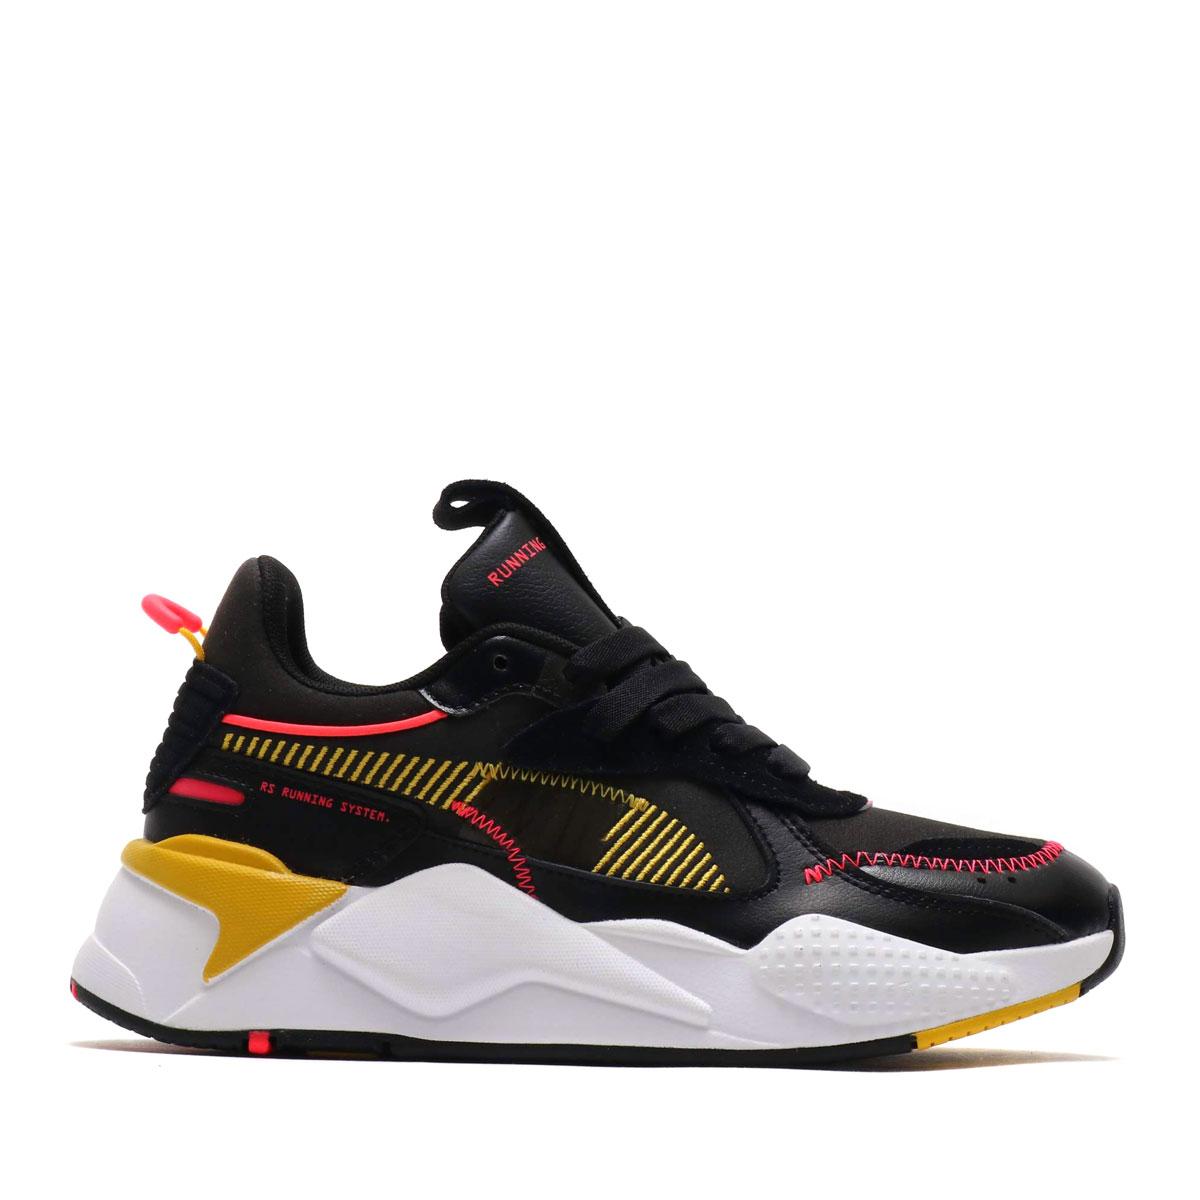 レディース靴, スニーカー PUMA RS-X PROTO WMNS(PUMA BLACK-SU)( RS-X )19HO-I